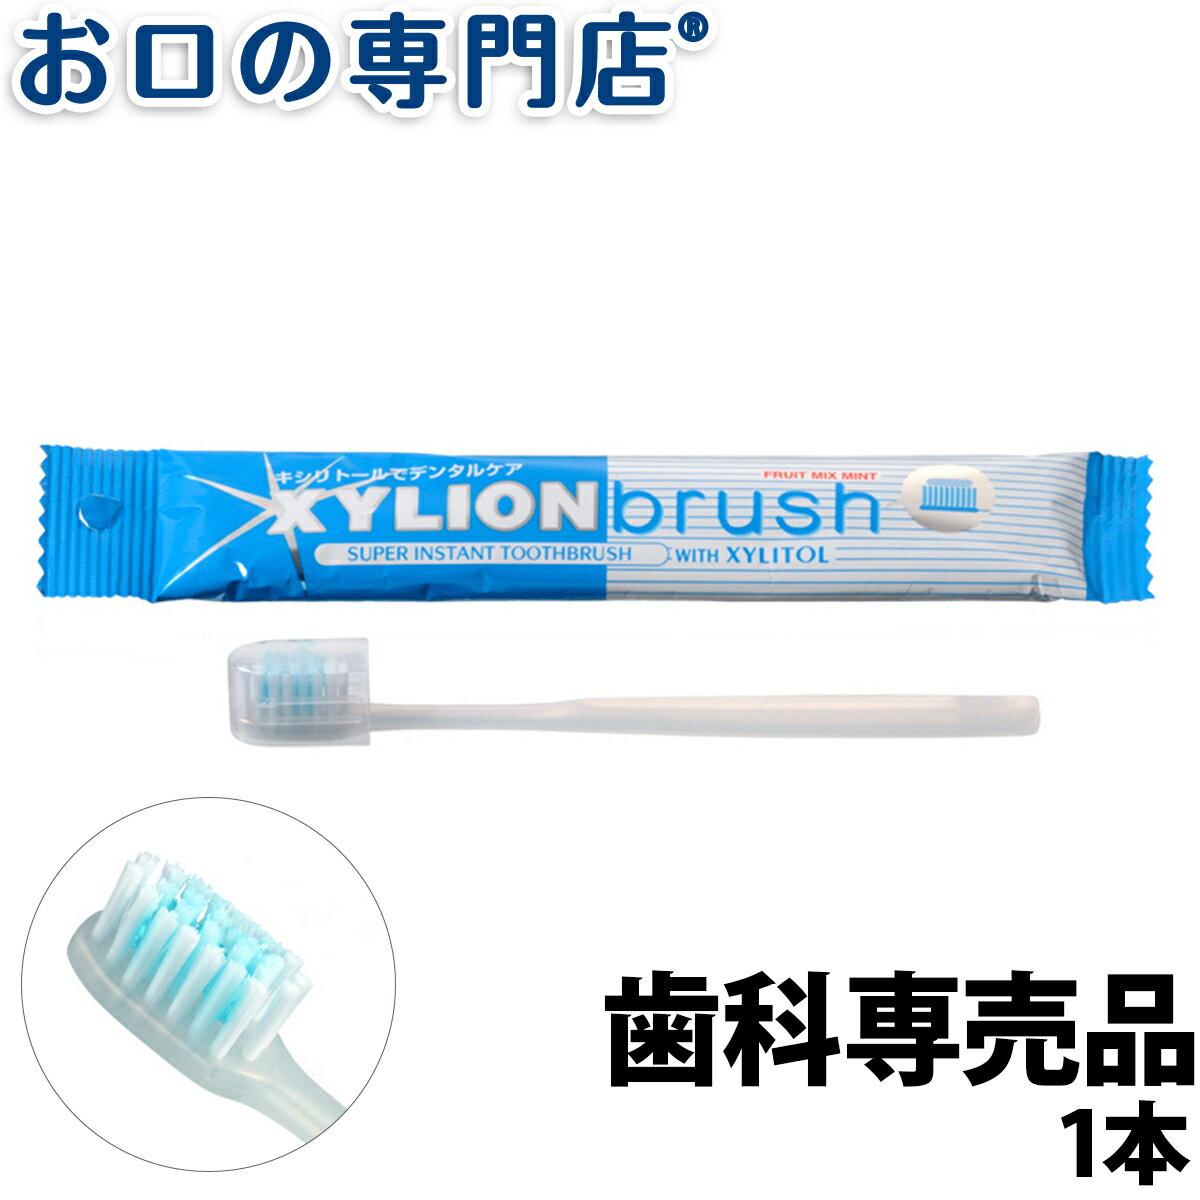 キシリオンブラシ(XYLION brush) 1本 ハブラシ/歯ブラシ 歯科専売品 【ゆうパケット(メール便)OK】